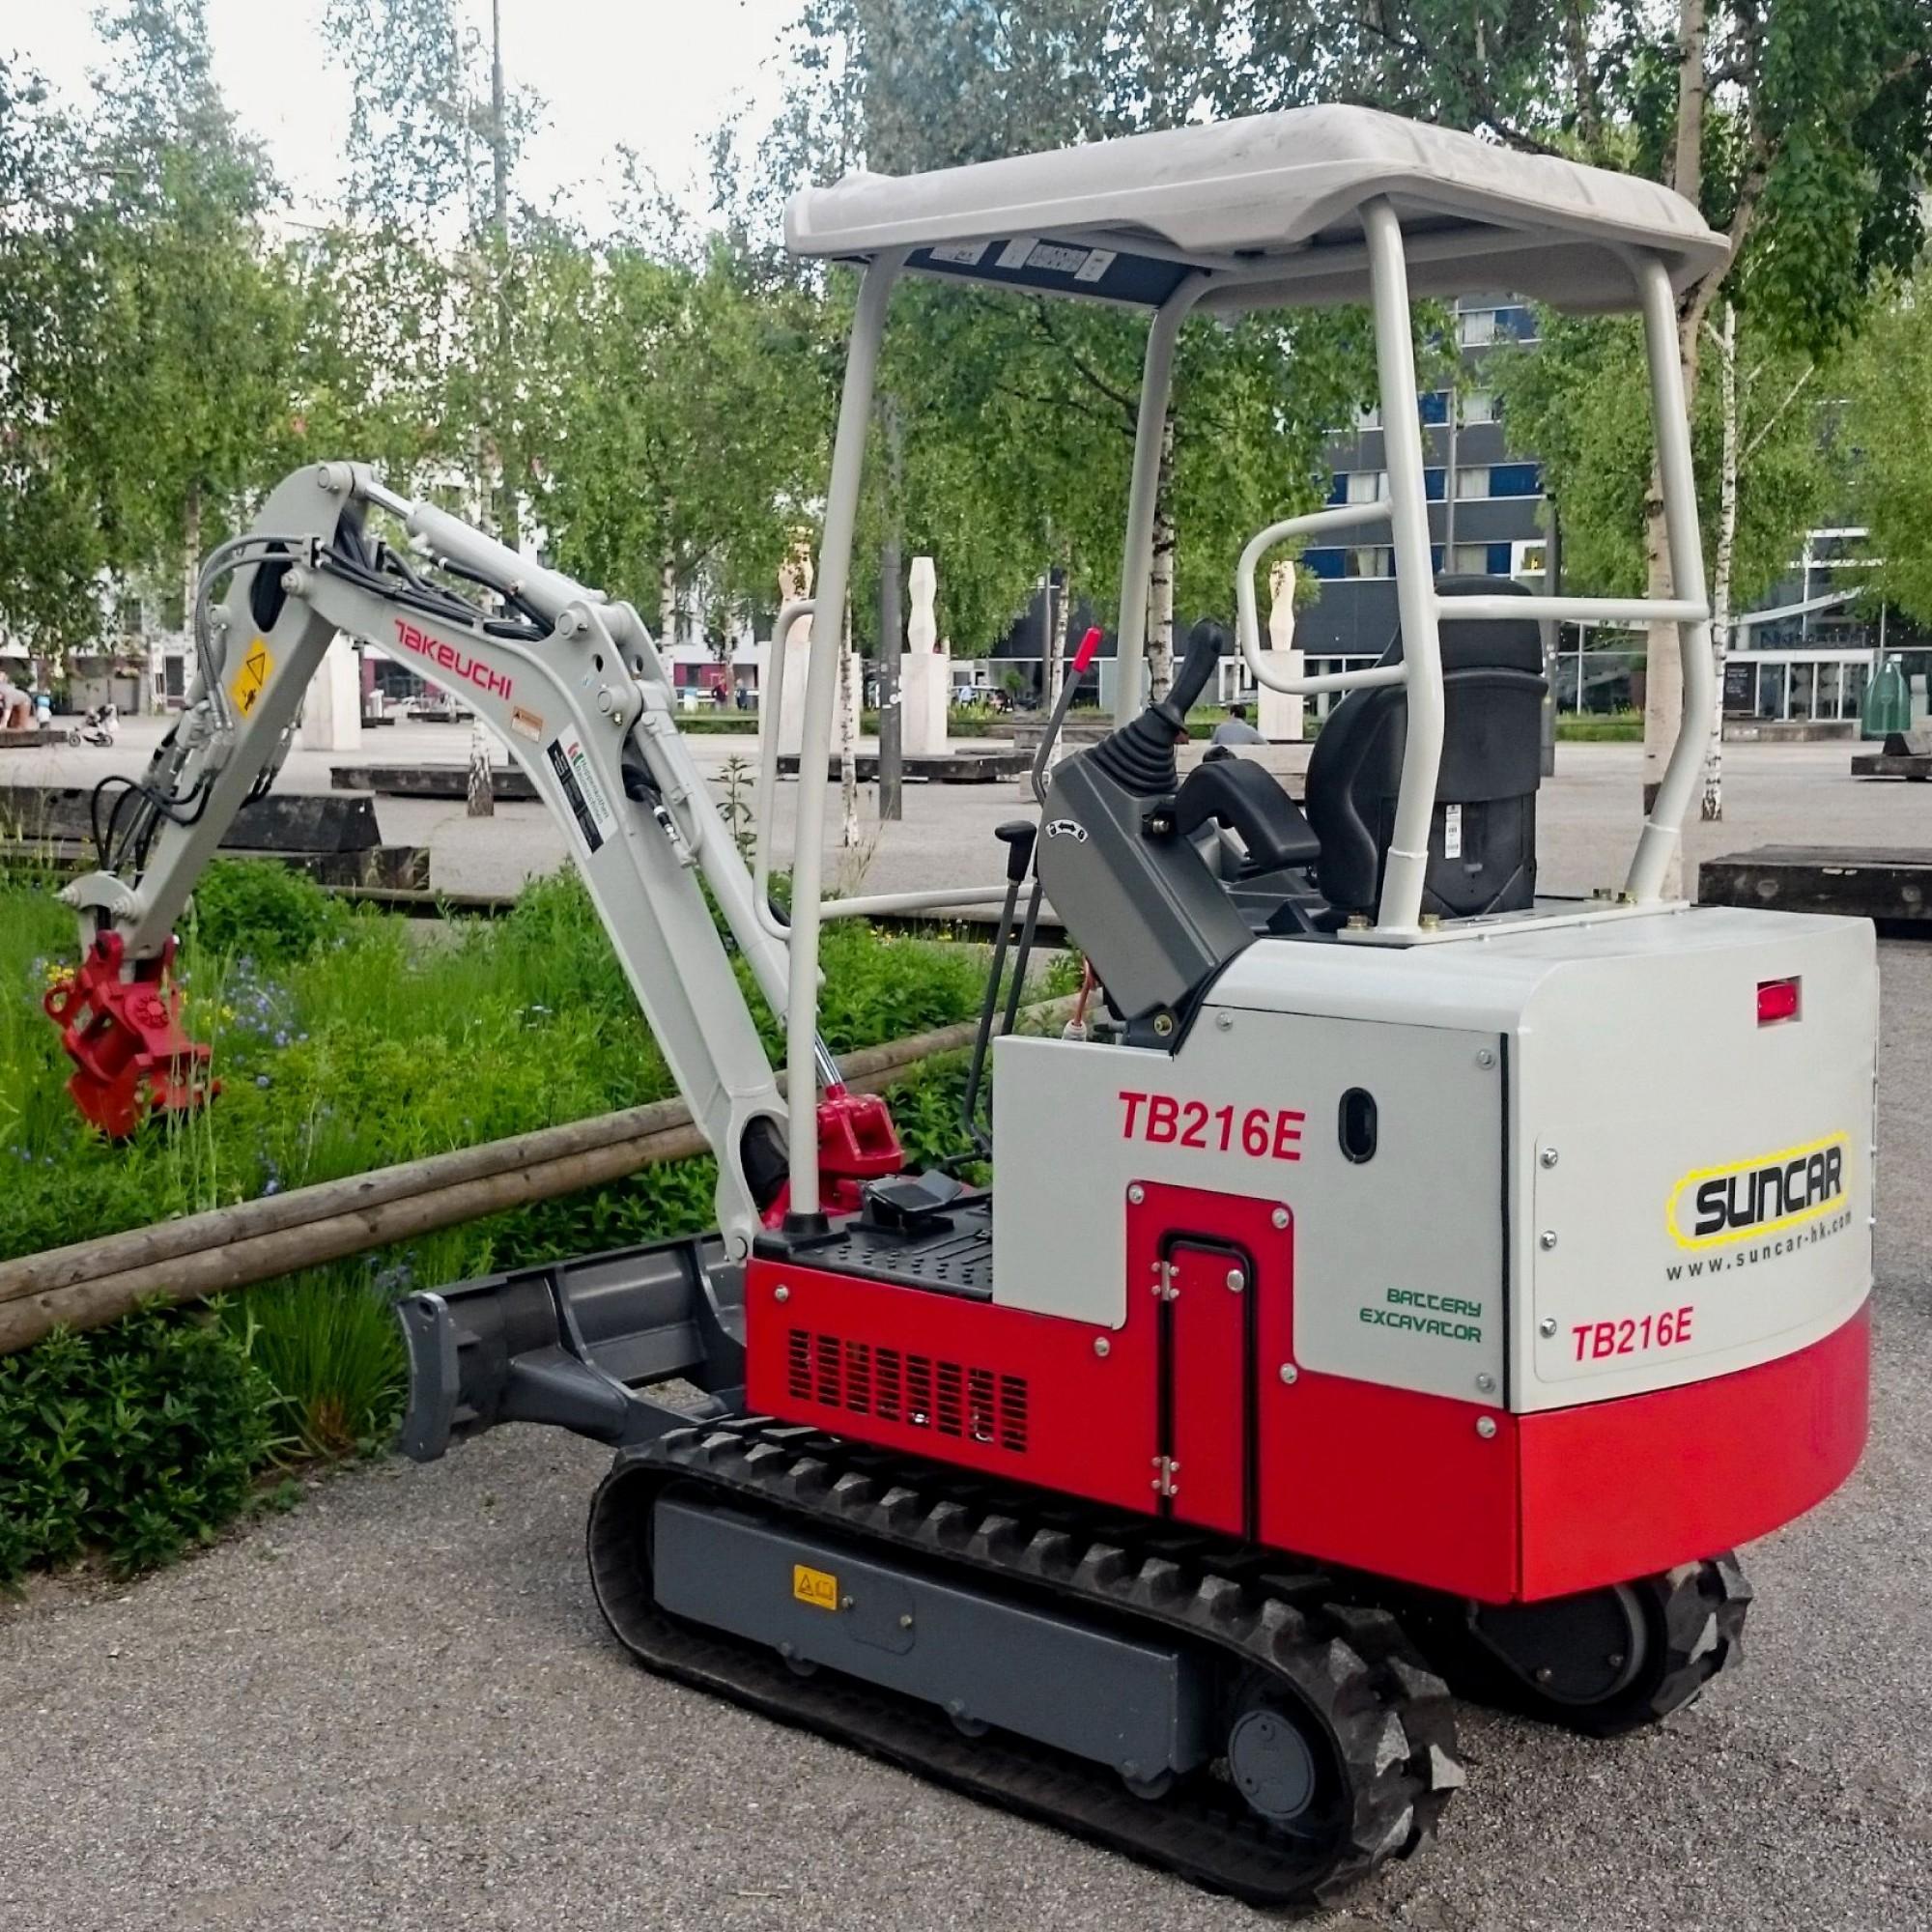 Kein Mikrobagger, aber ein Bagger mit Mikro-Emissionen ist dieser von Suncar HK auf Elektroantrieb umgerüstete TB216E.